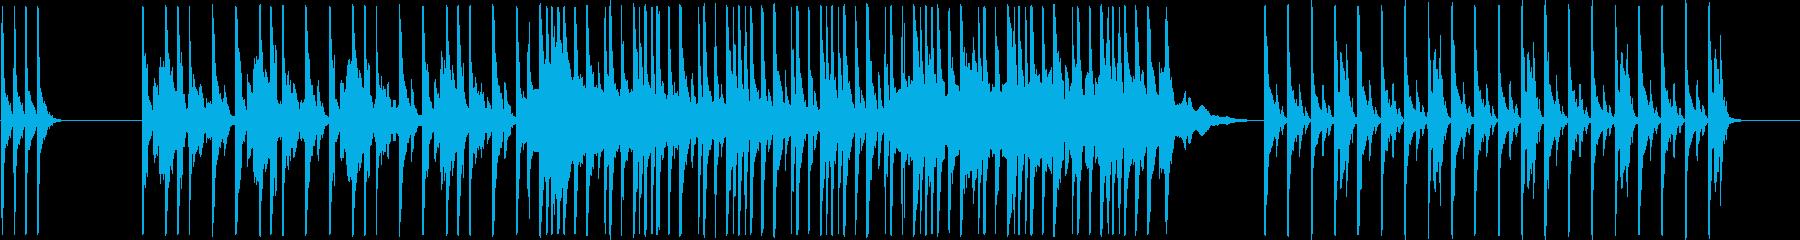 重大な事を知らせるダンスミュージックの再生済みの波形